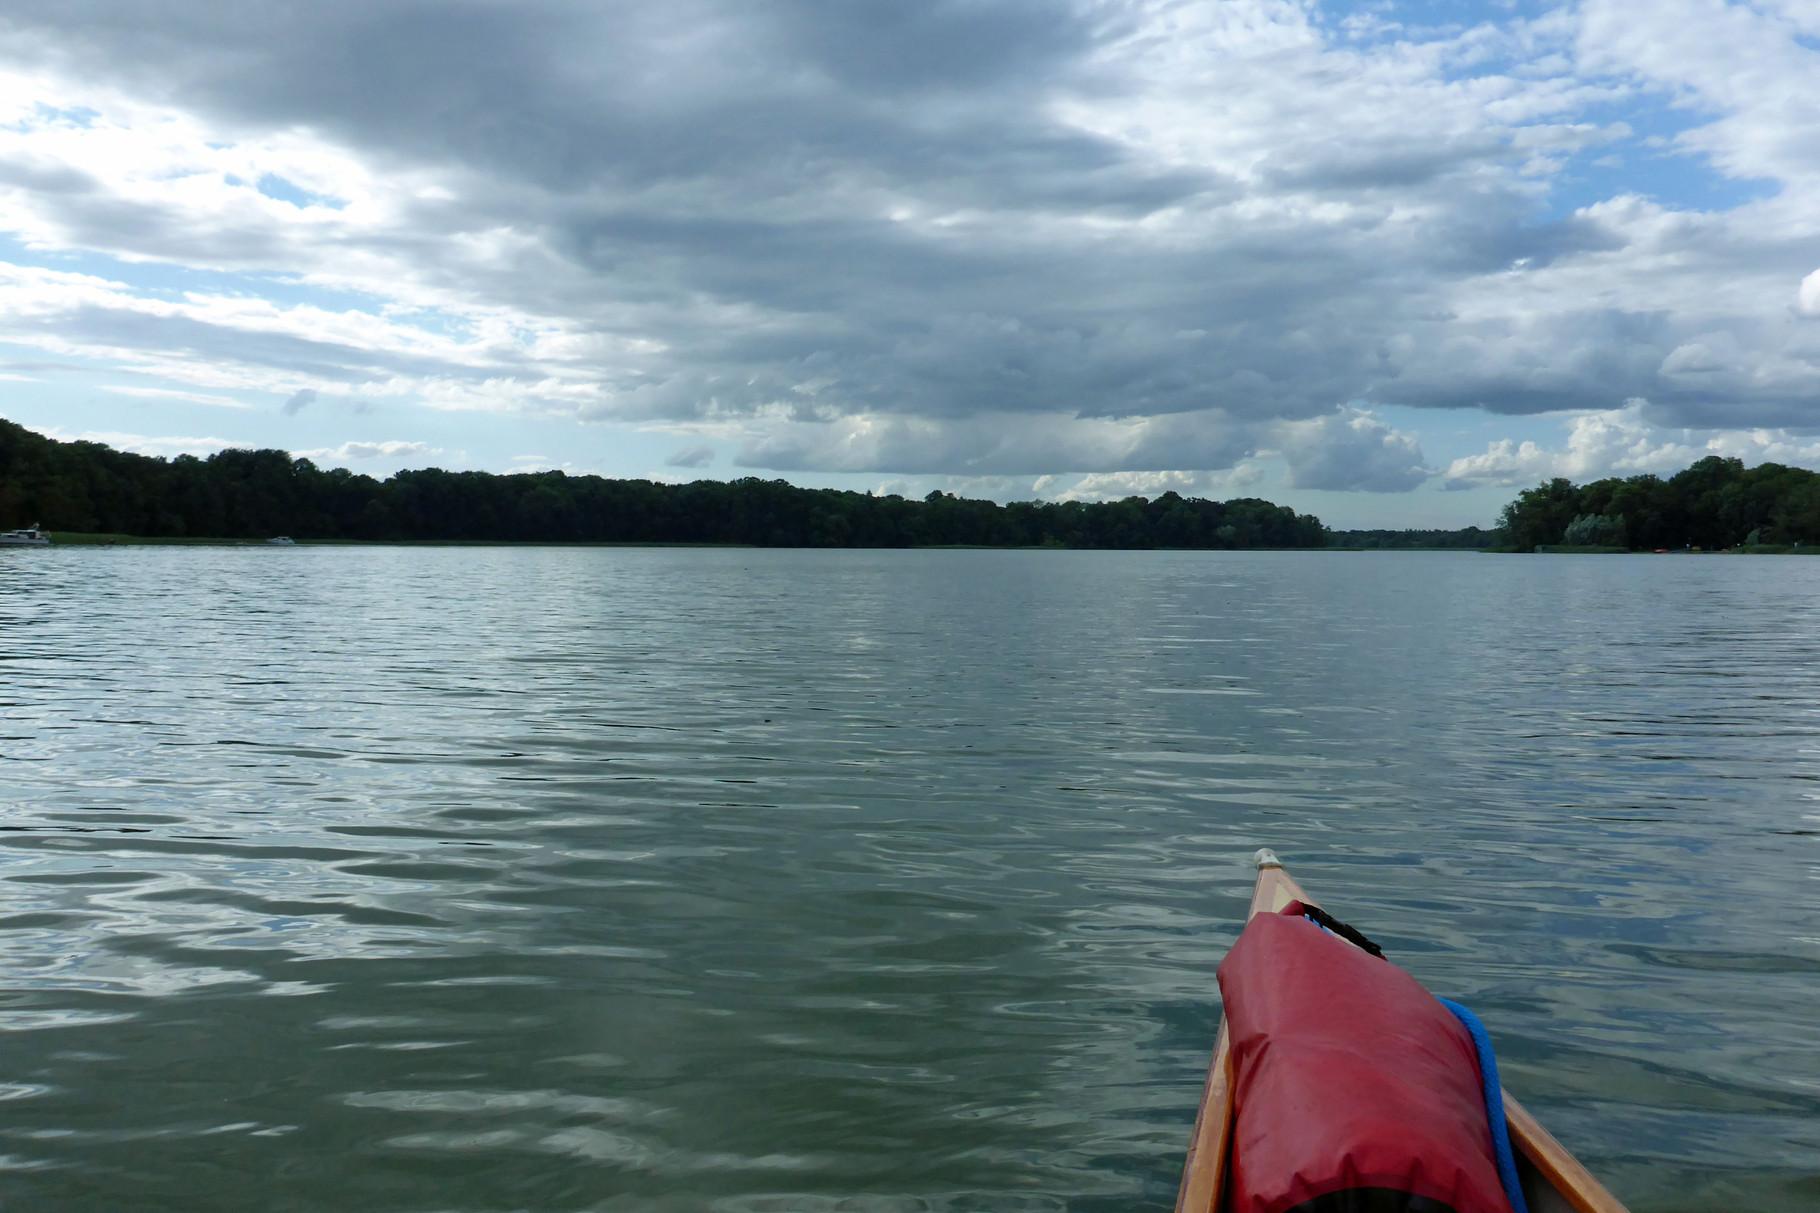 Auf dem Ruppiner See blies der Wind kräftig - hier nur ein ruhiger Moment.